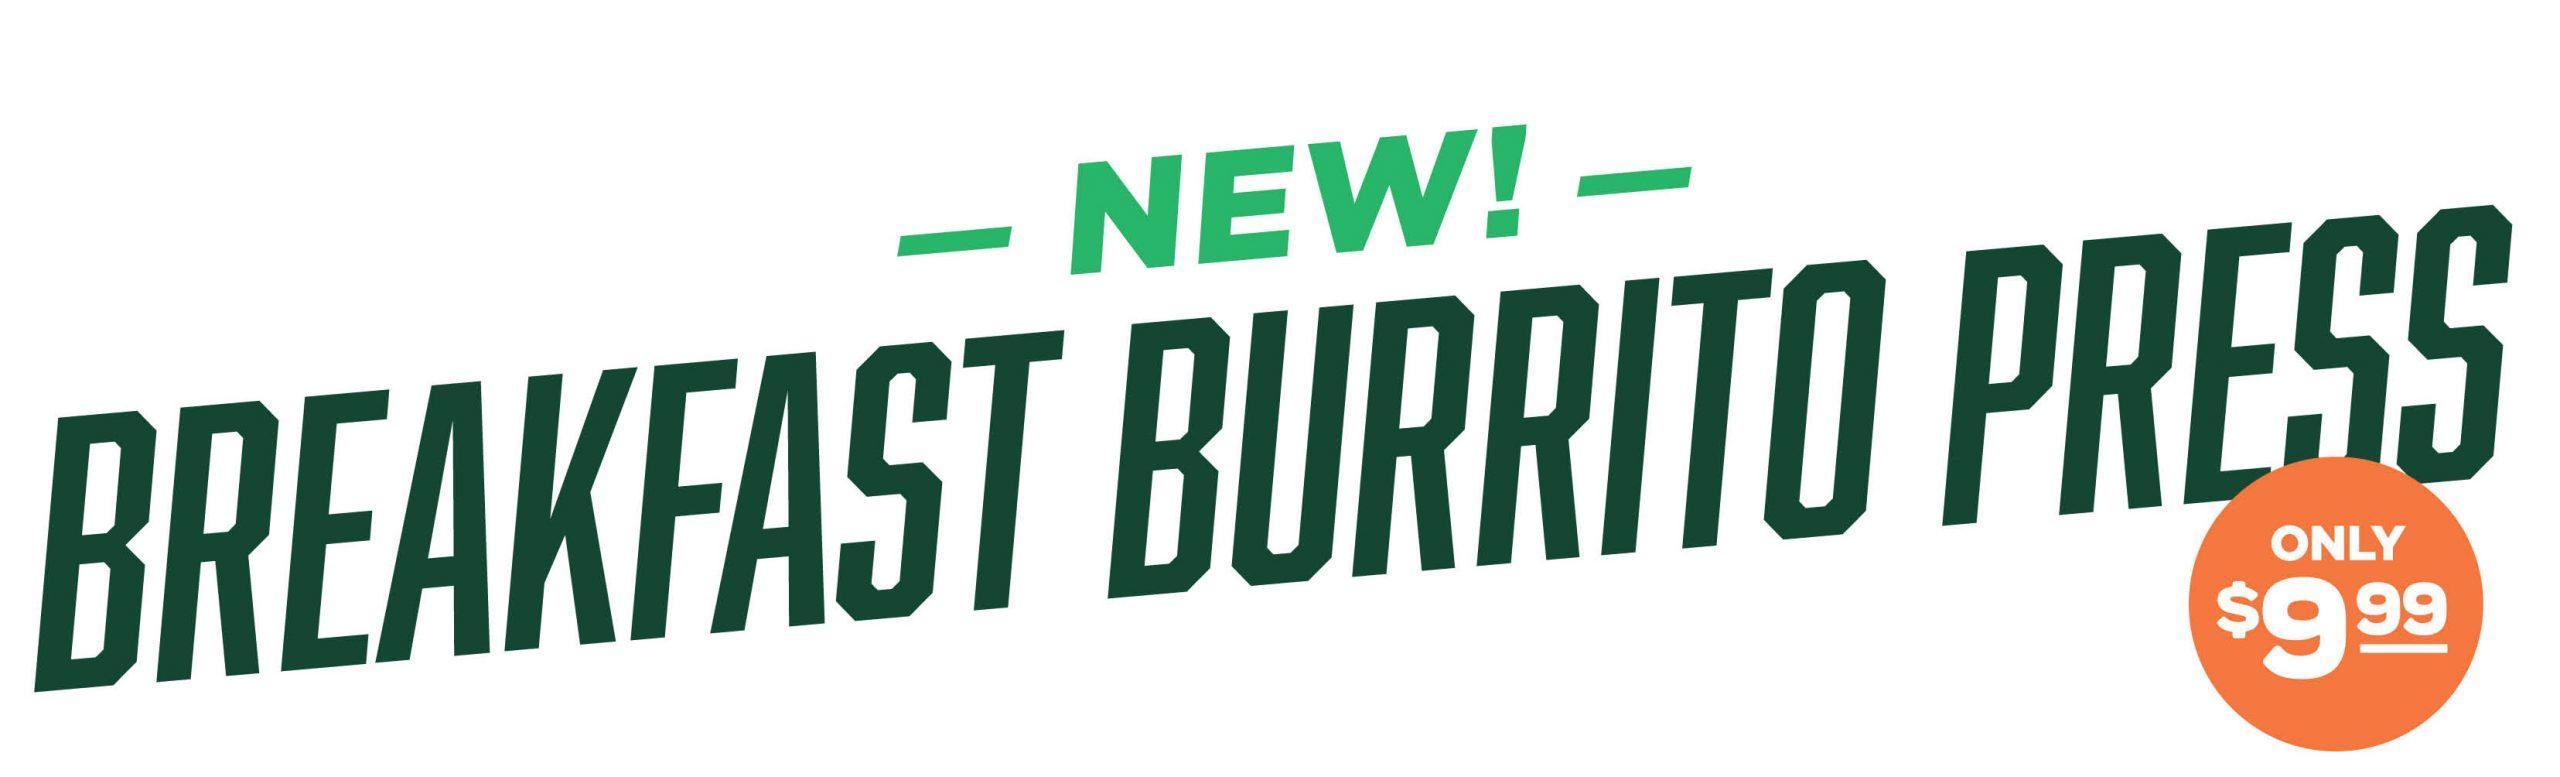 New Breakfast Burrito Press